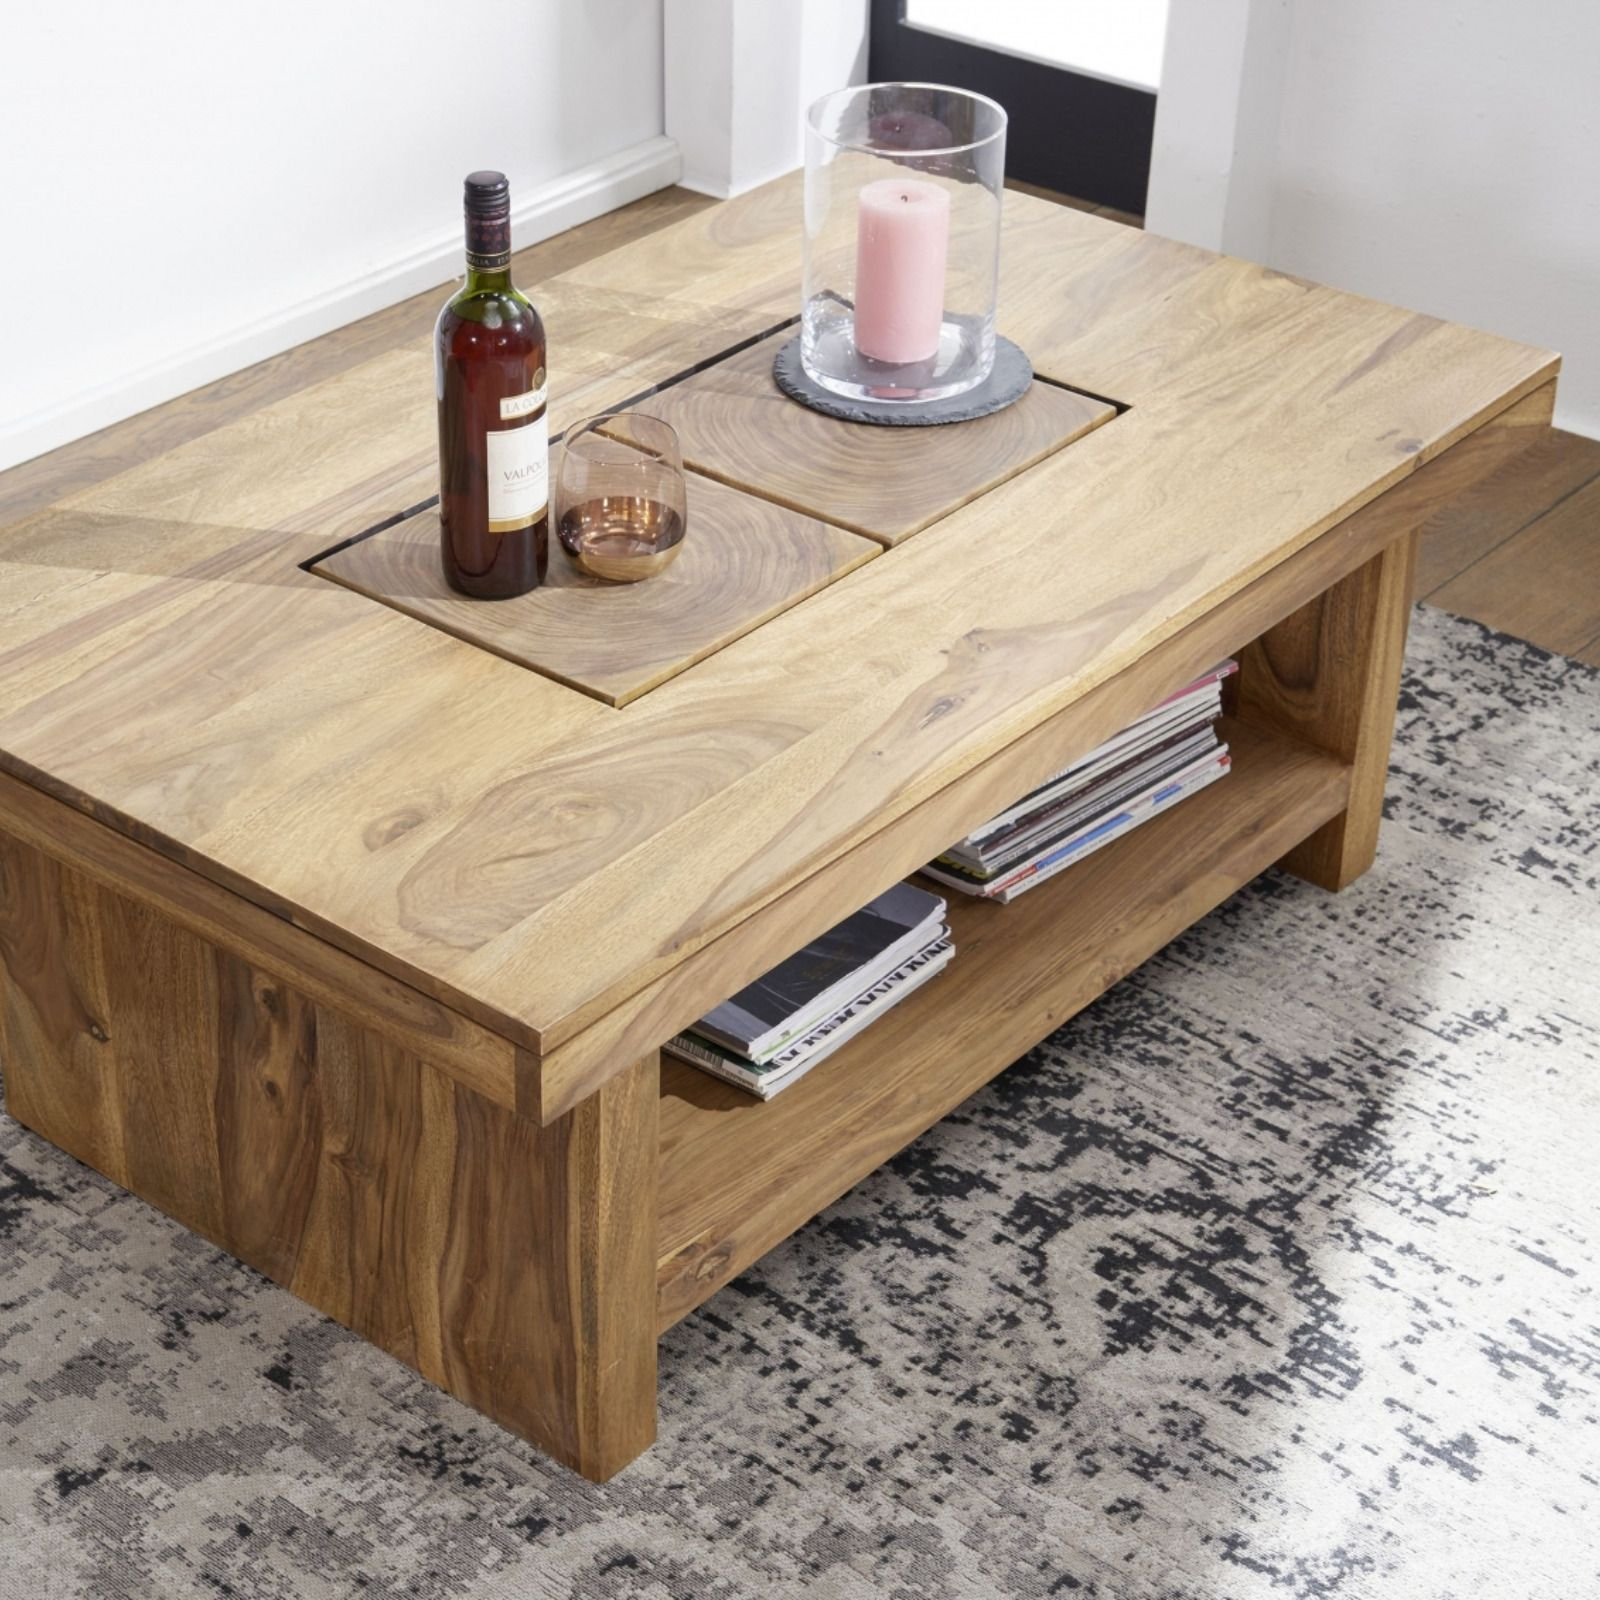 Couchtisch Sheesham 118x70 Cm Aus Massivholz Massivholzmobel Couchtisch Wohnzimmertisch Holz Tisch